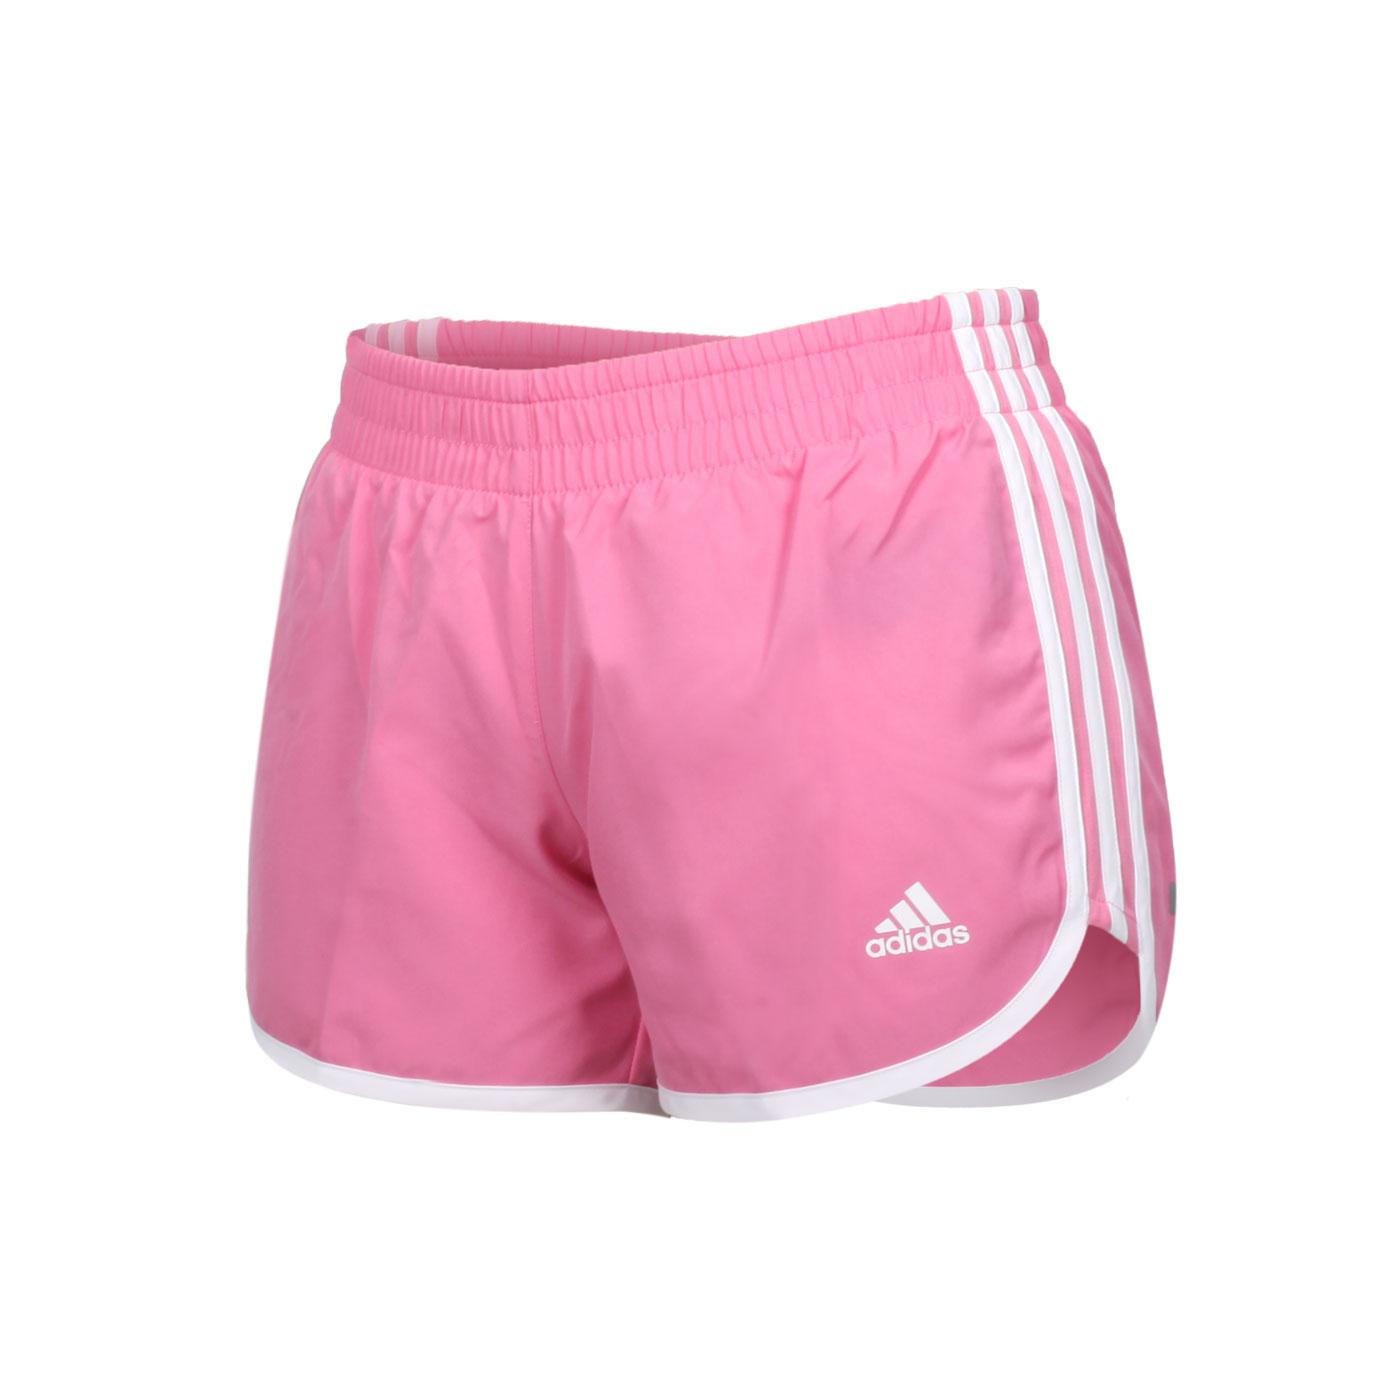 ADIDAS 女款運動短褲 H31064 - 粉紅白